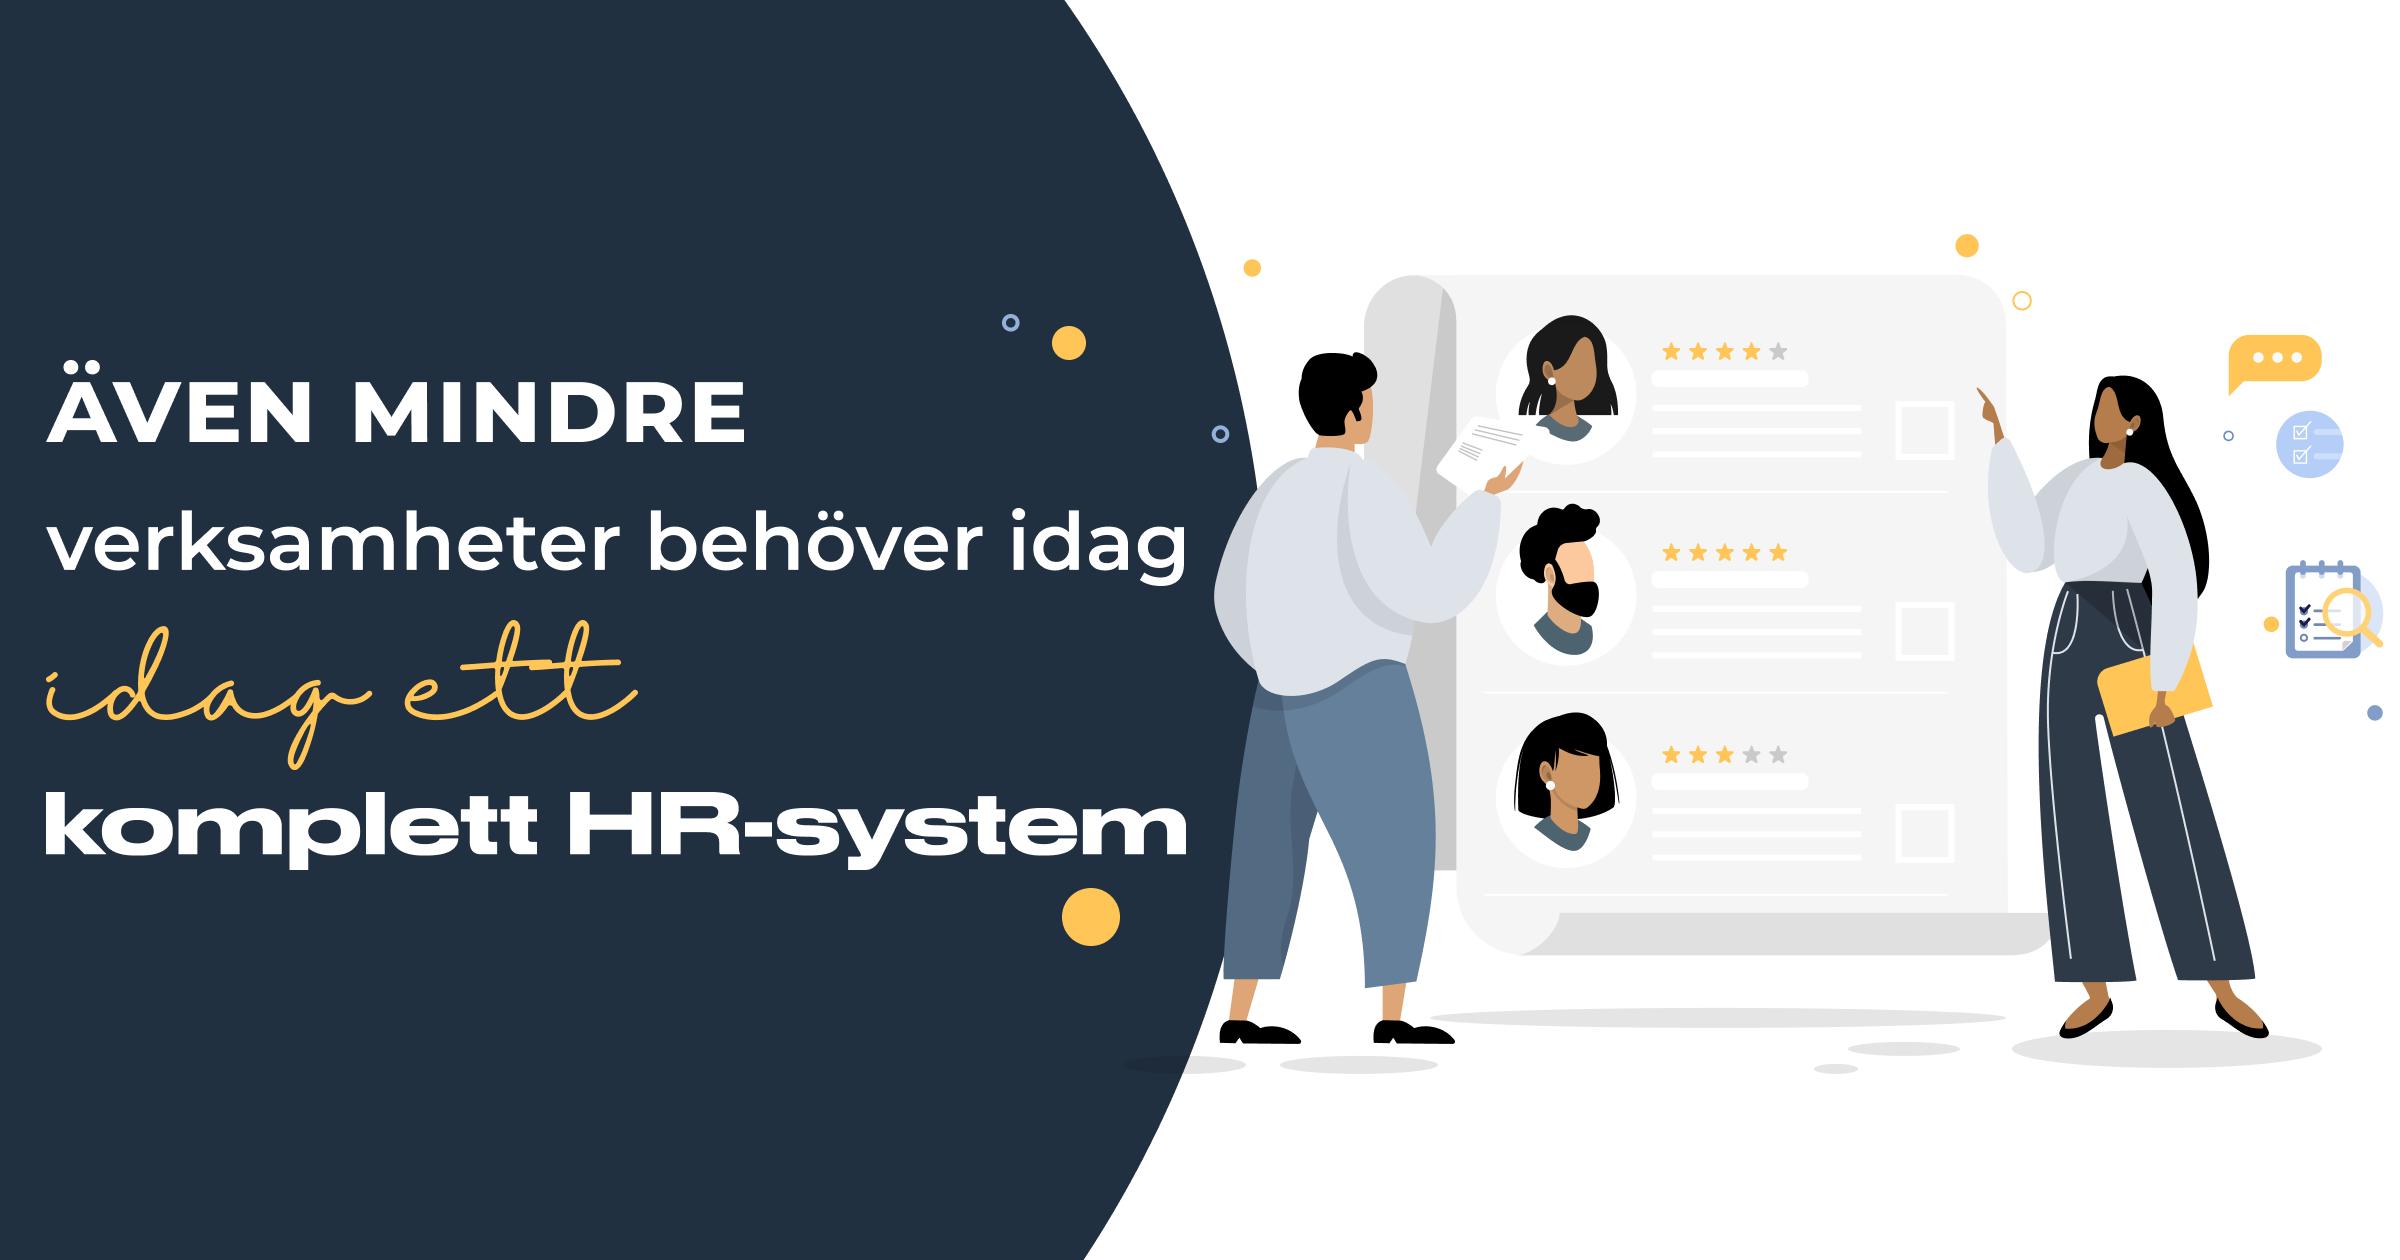 Även mindre verksamheter behöver idag ett komplett HR-system